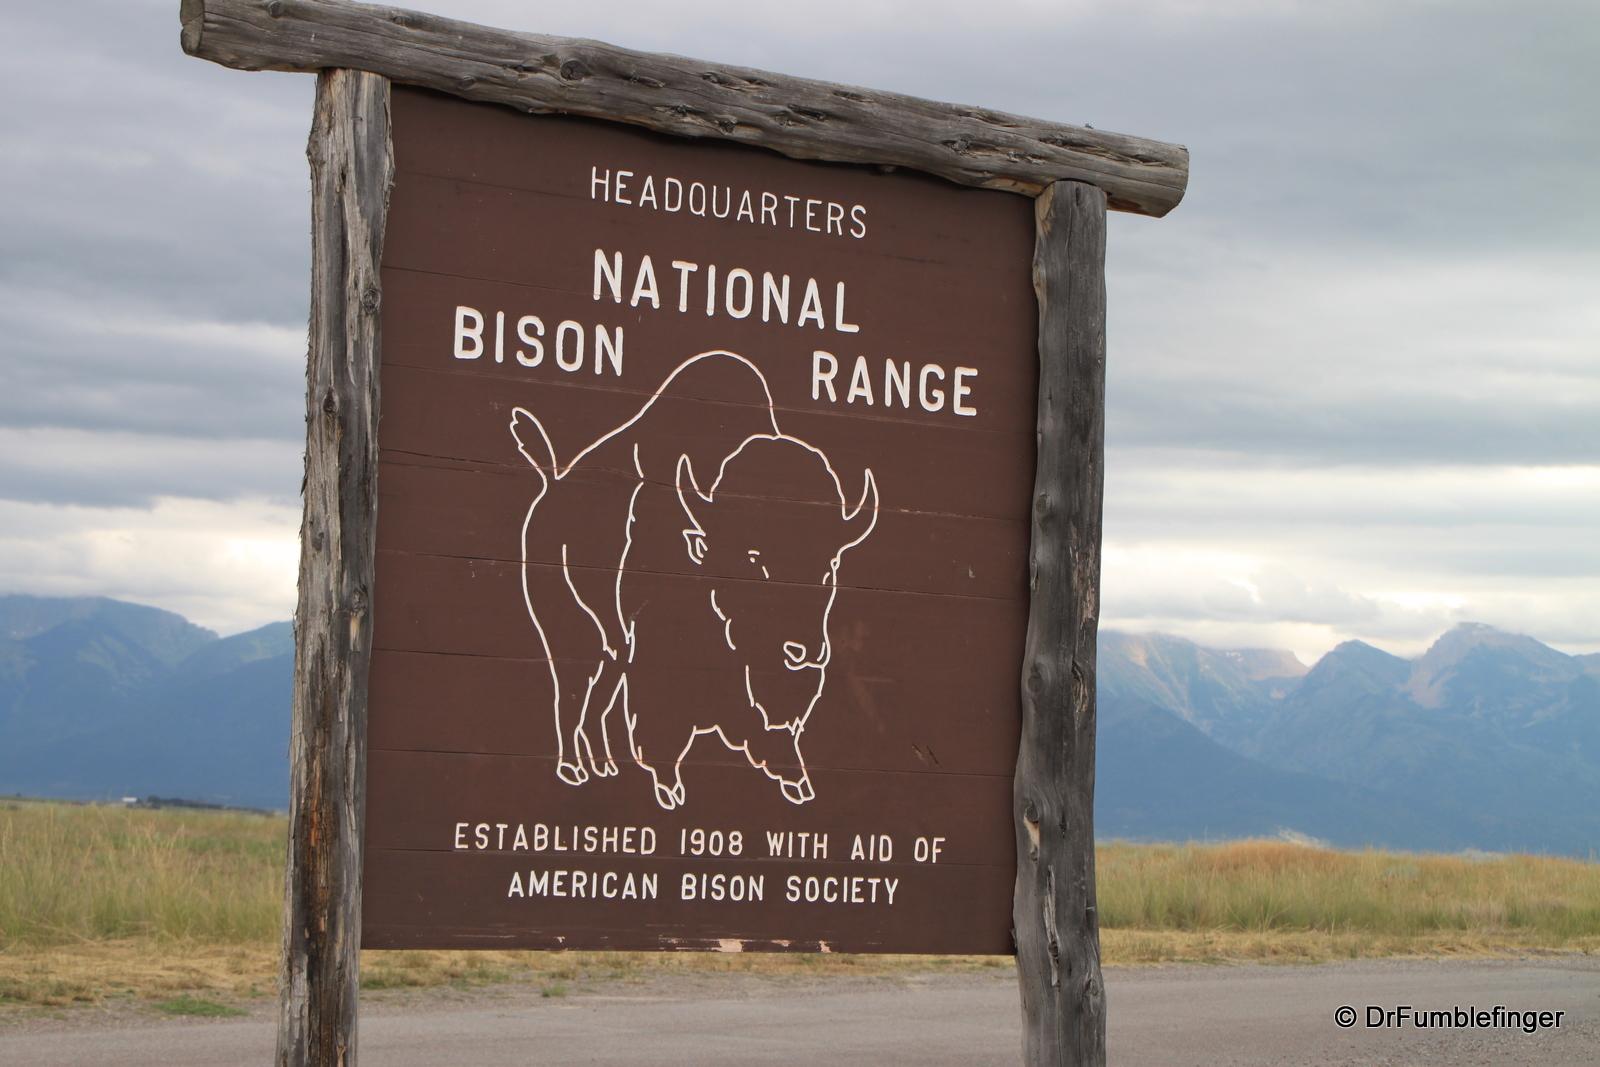 National Bison Refuge entrance sign